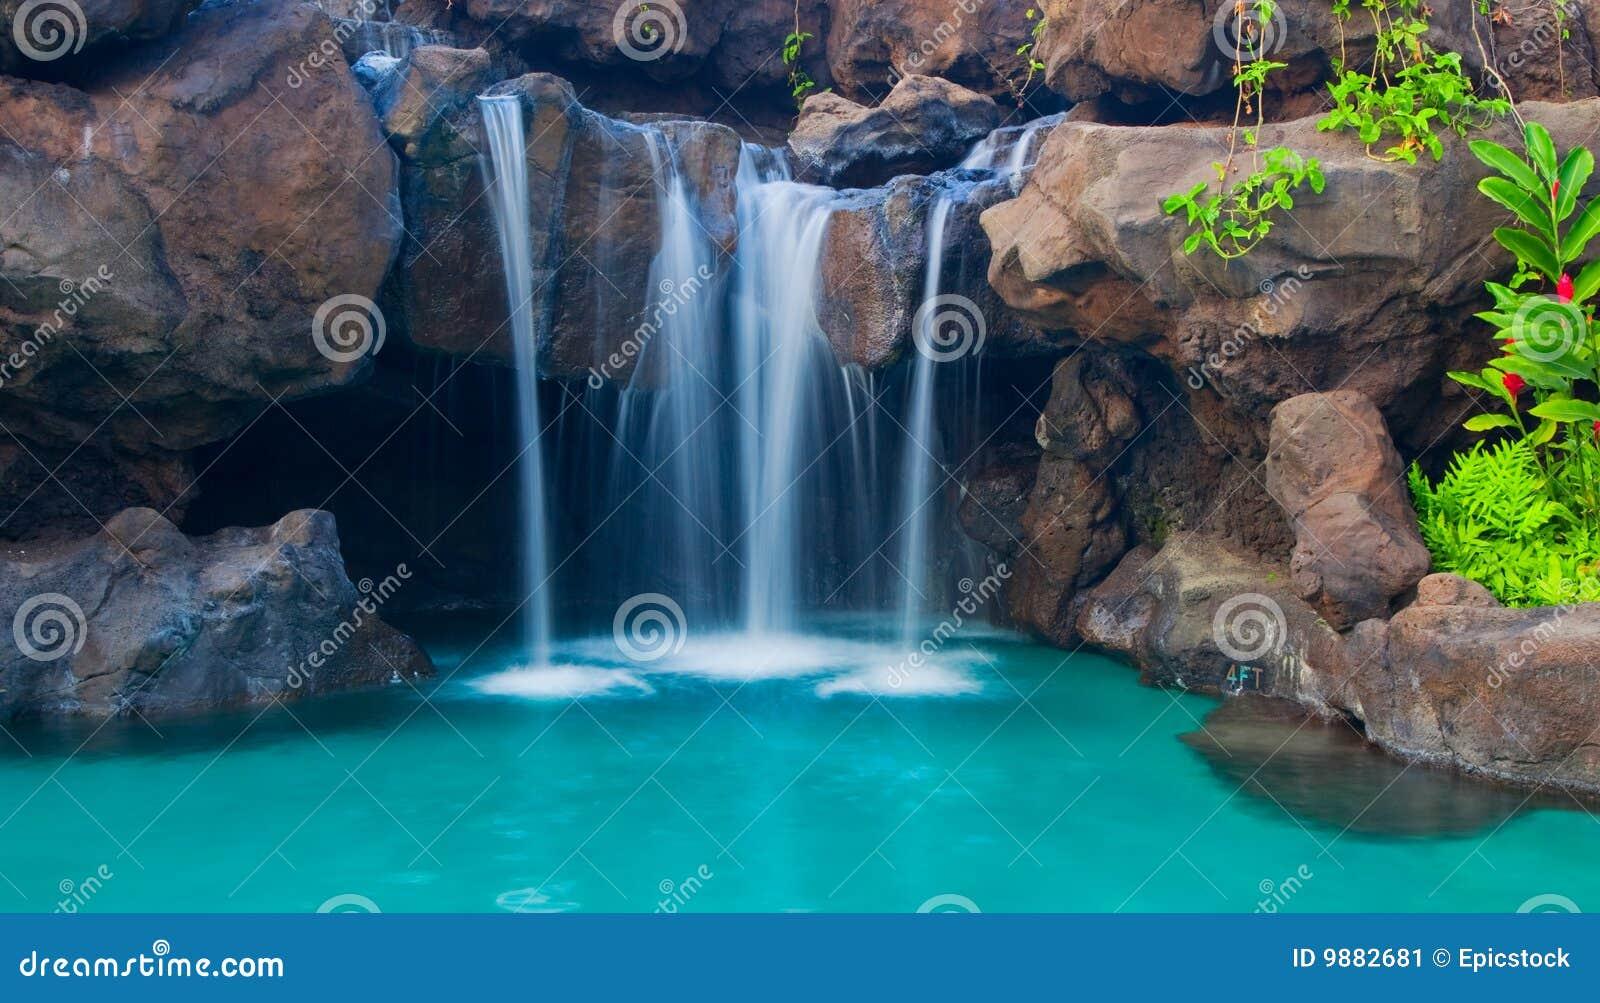 Perfect Wasserfall In Pool